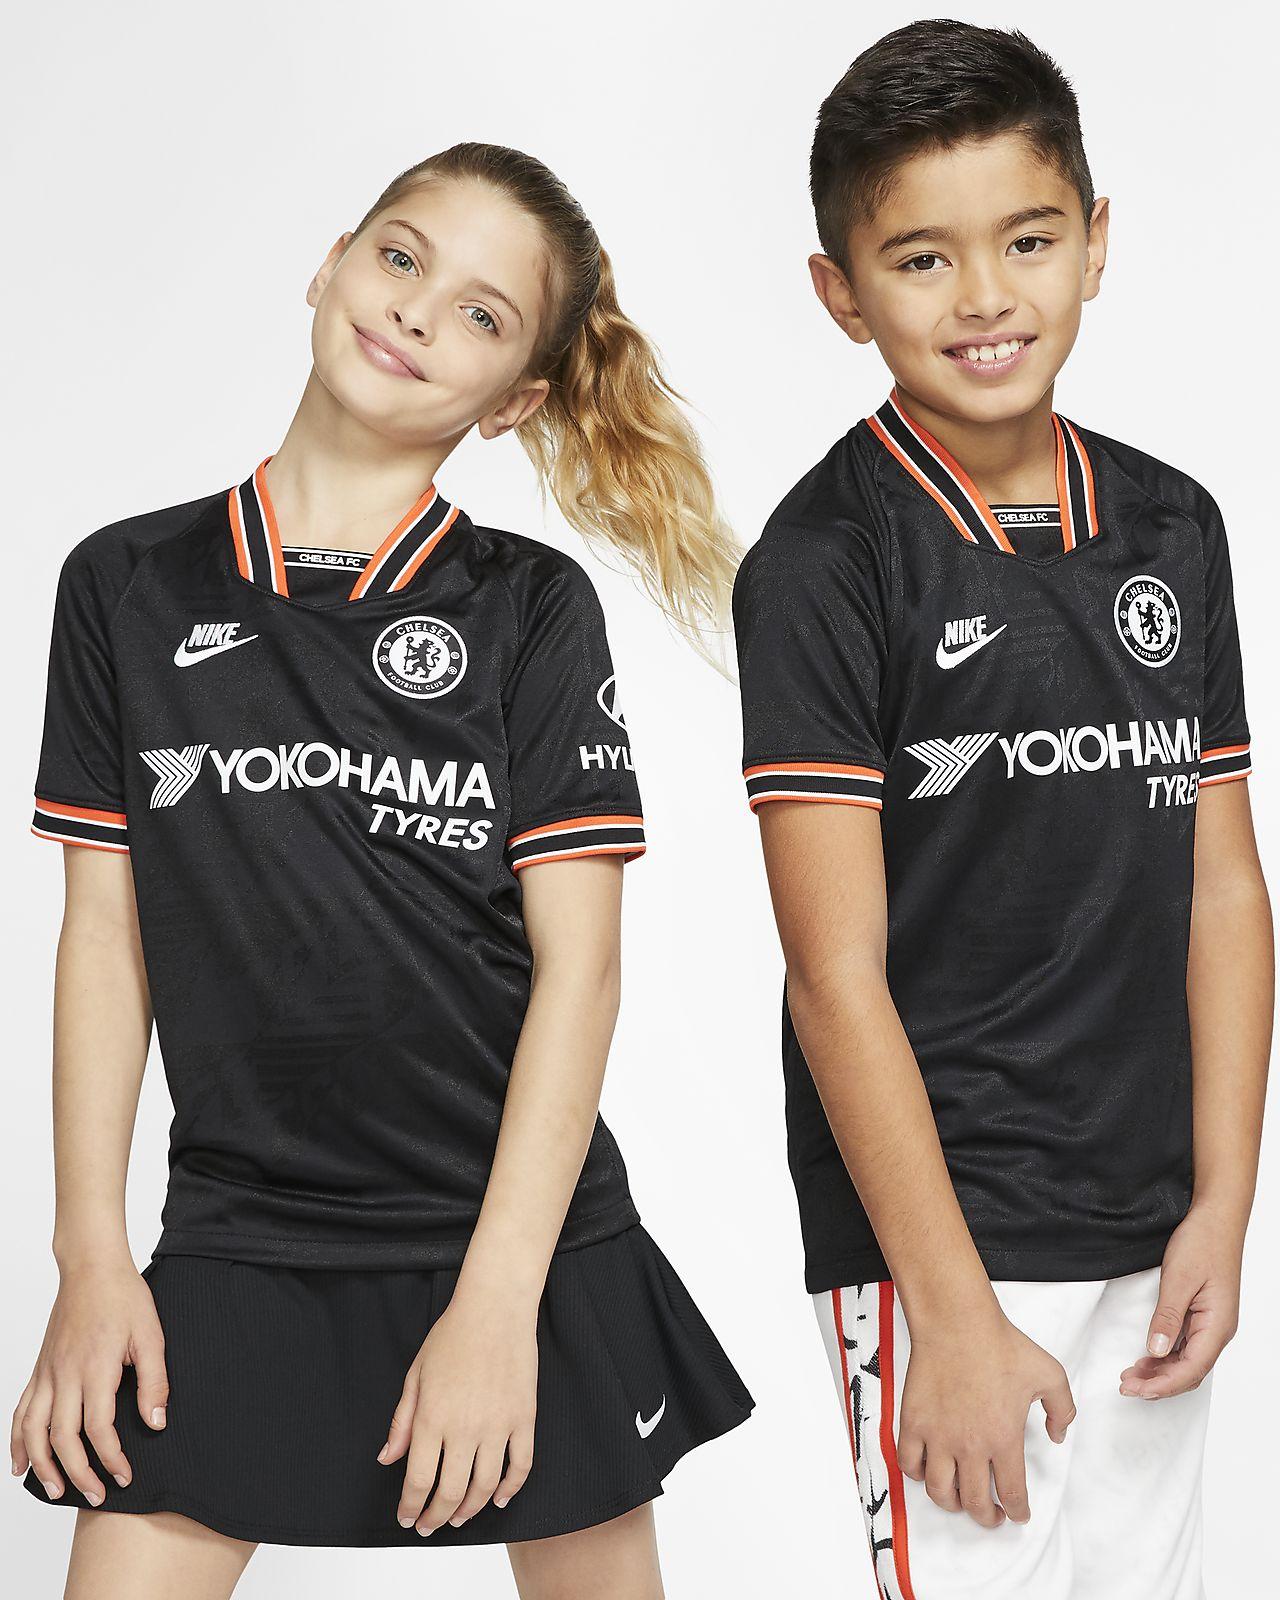 เสื้อแข่งฟุตบอลเด็กโต Chelsea FC 2019/20 Stadium Third